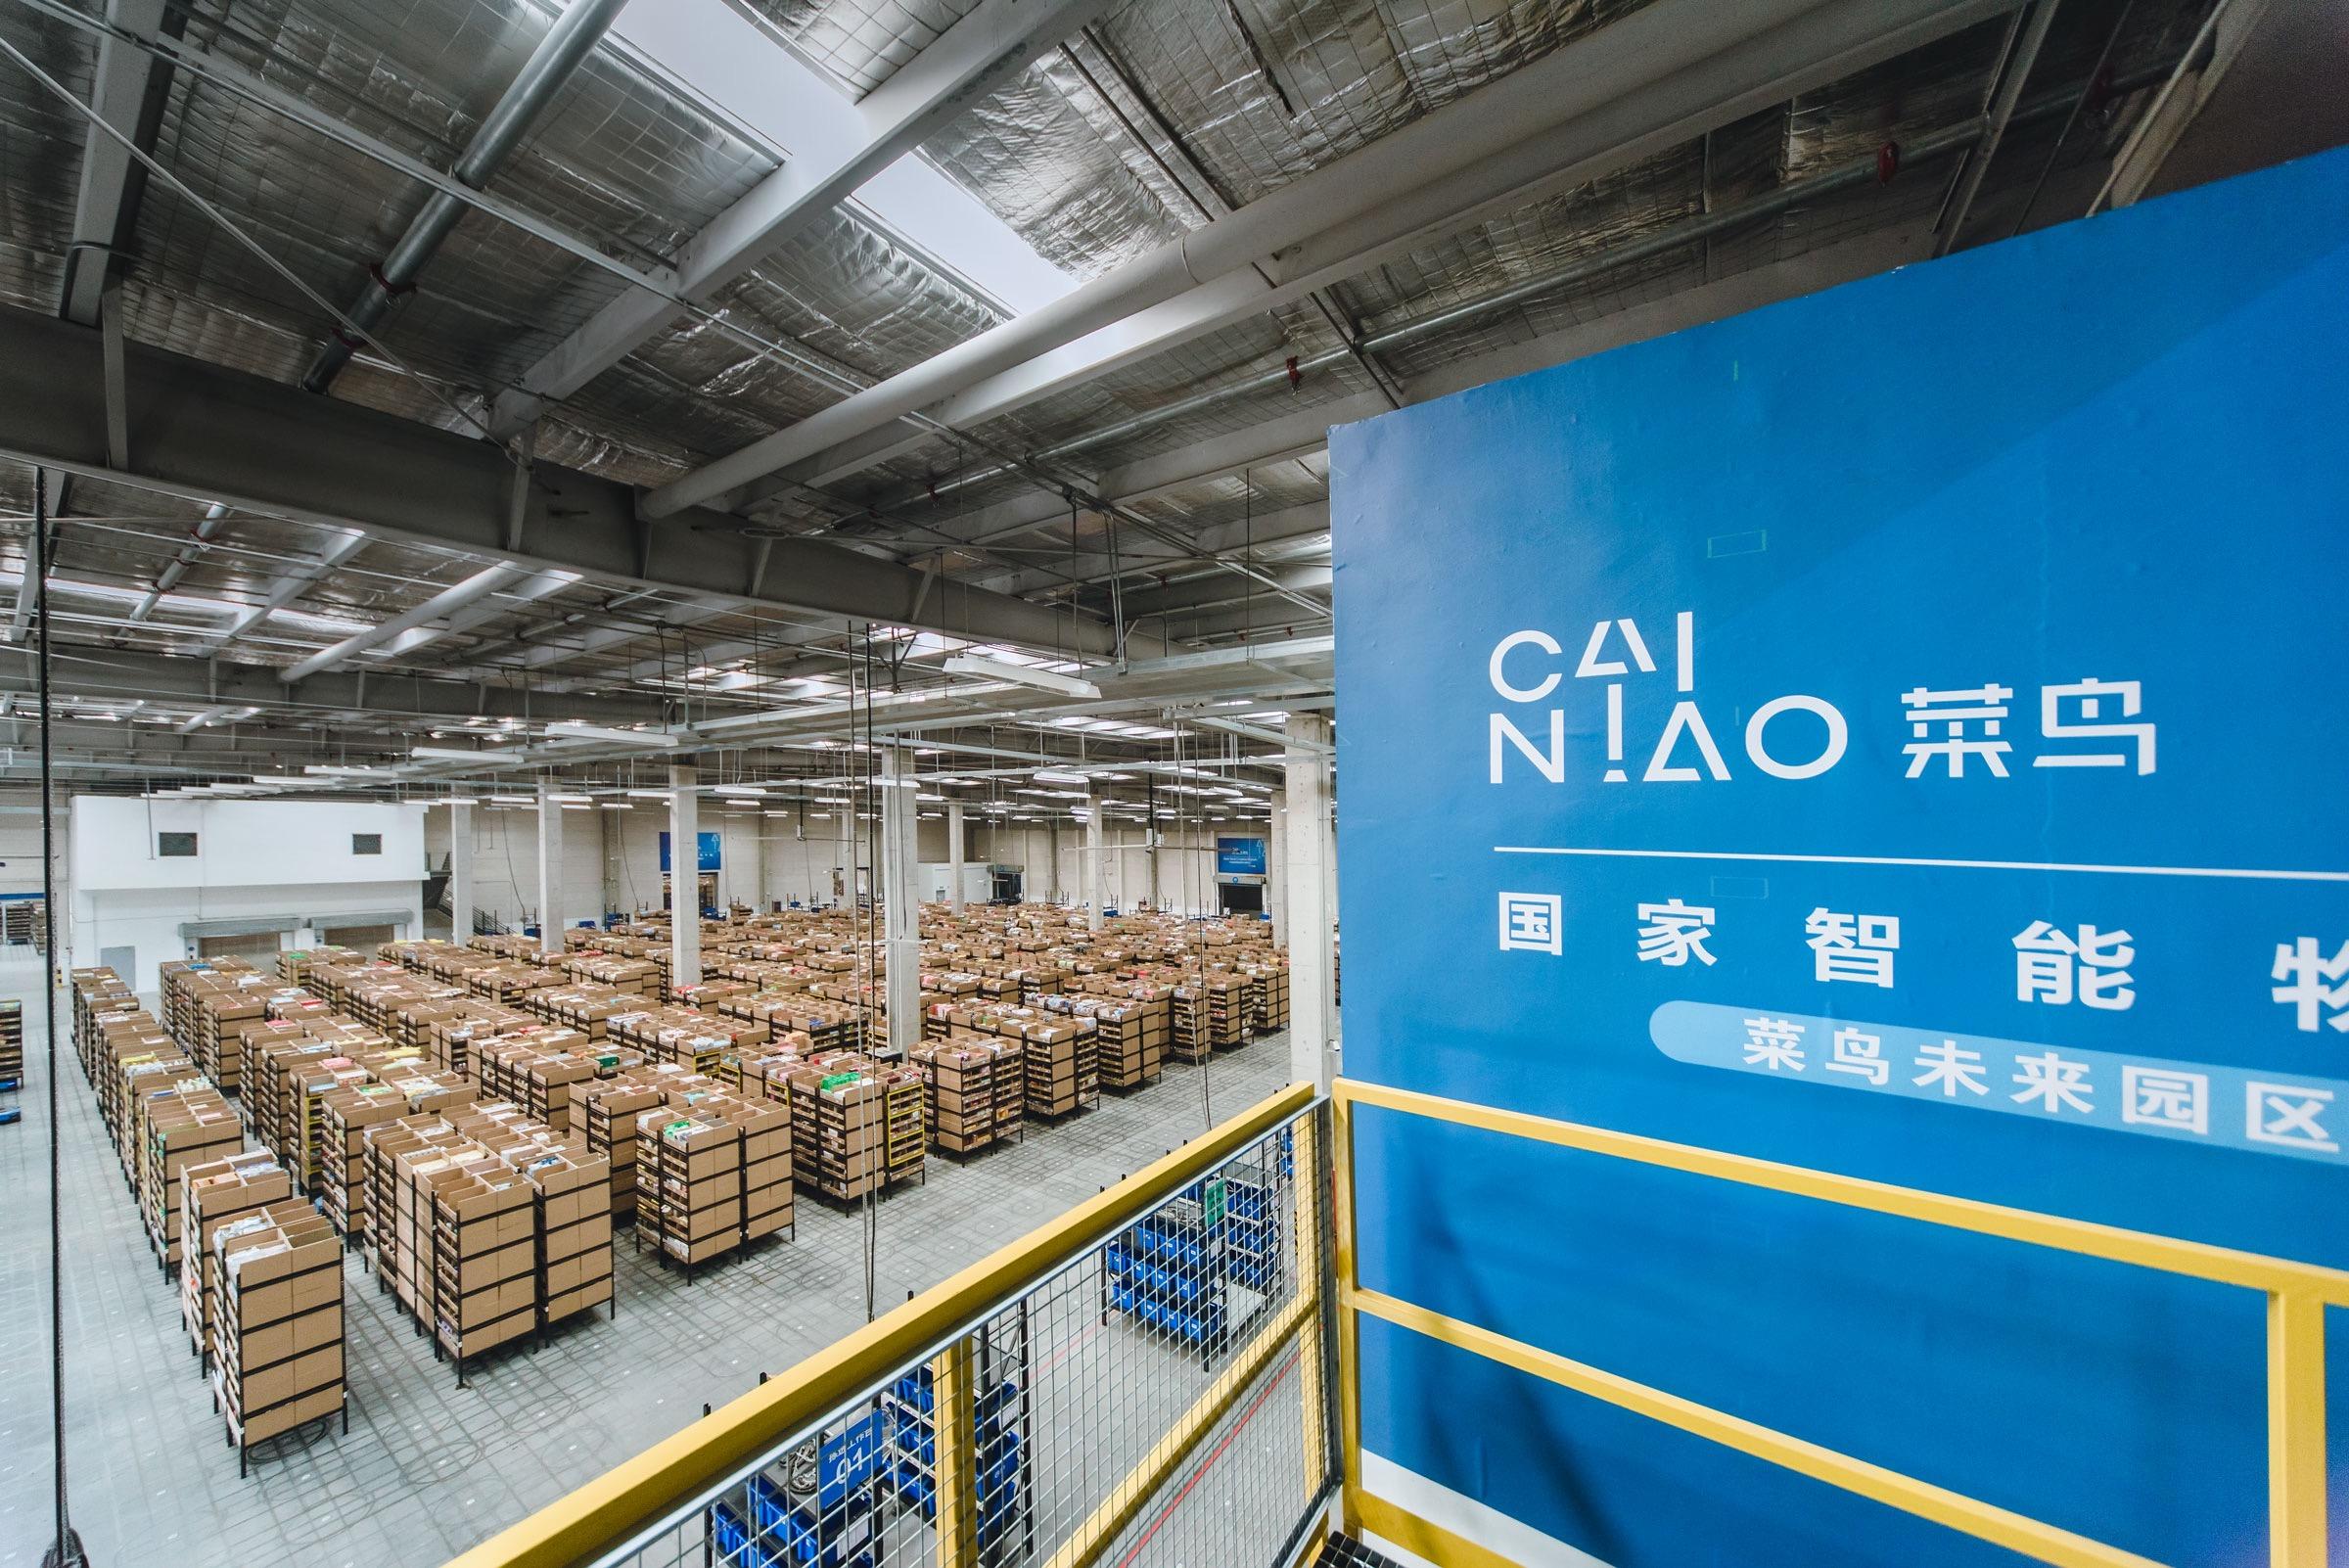 阿里巴巴启动中国最大机器人智能仓库 备战双11